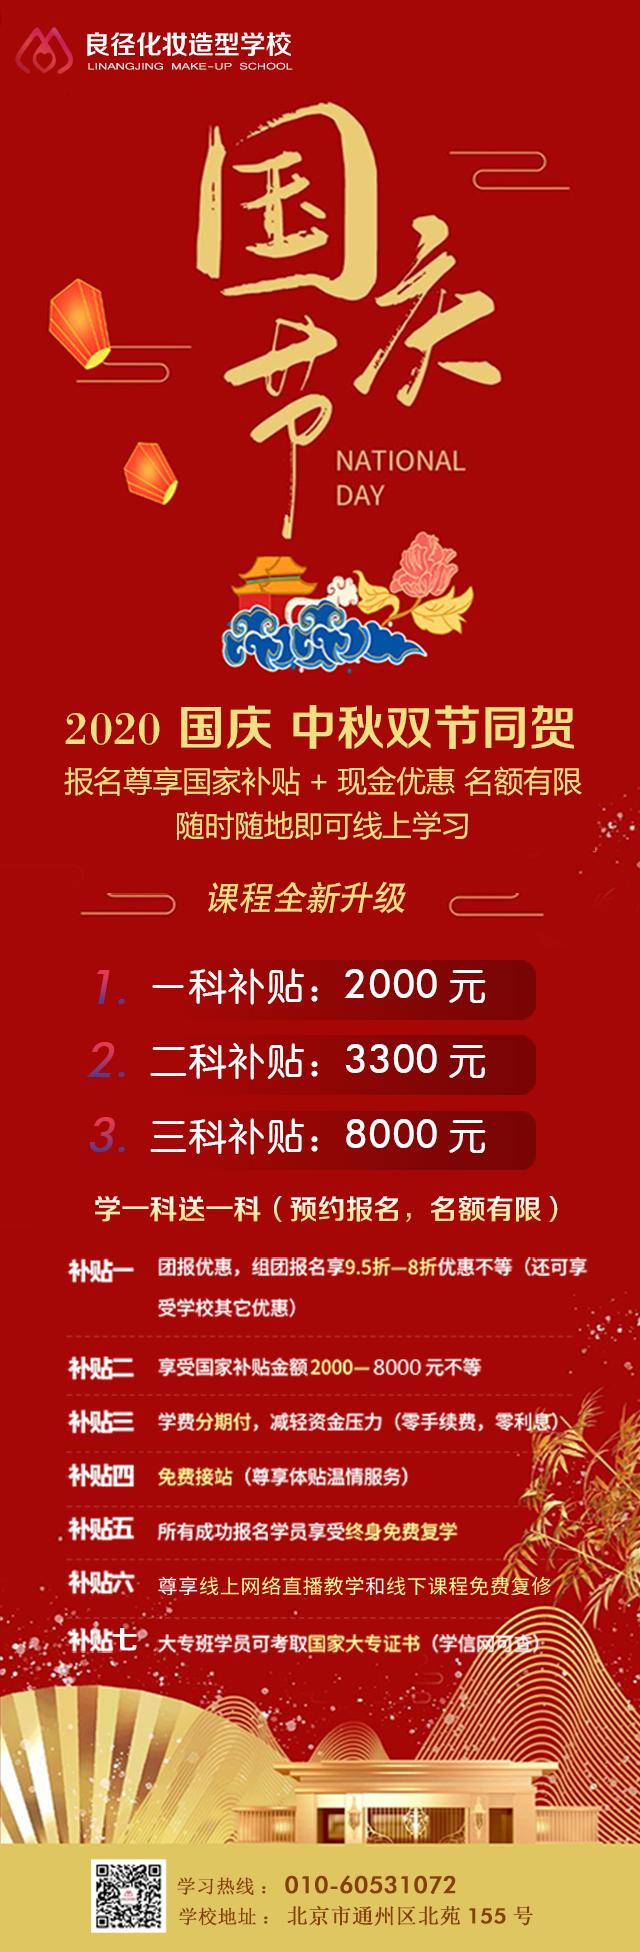 良径化妆学校国庆中秋学费优惠补贴 北京良径化妆培训学校